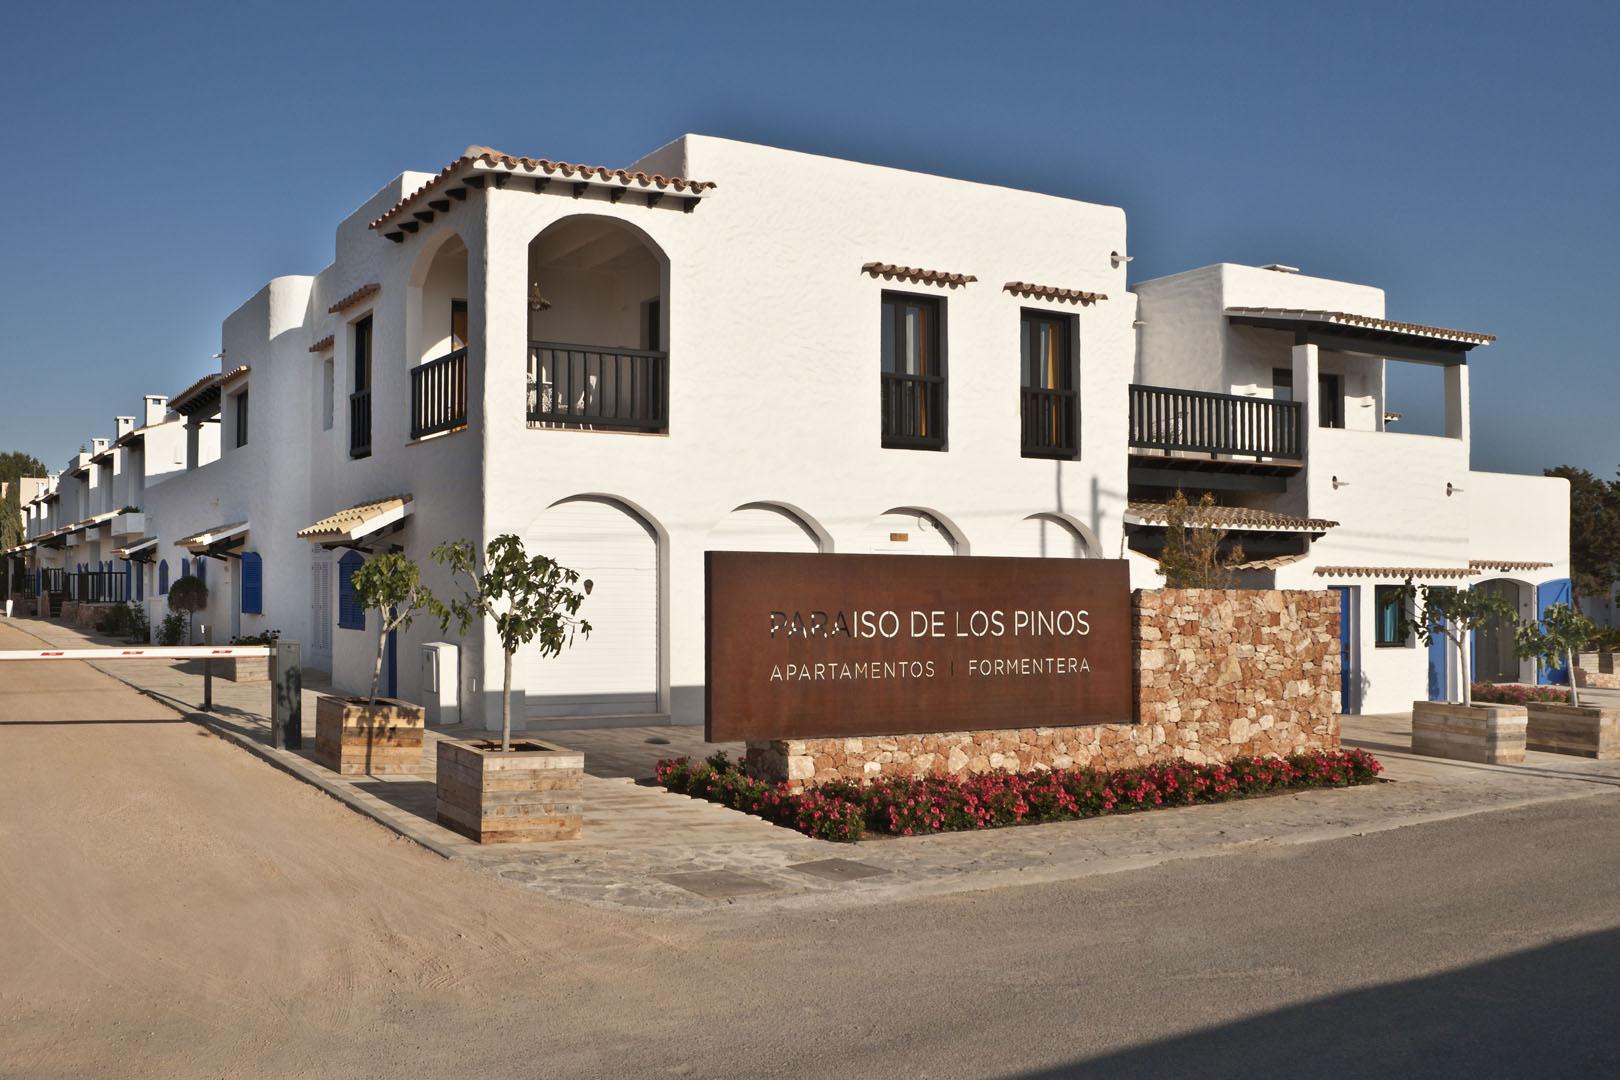 Paraíso de los Pinos Formentera - Entrada